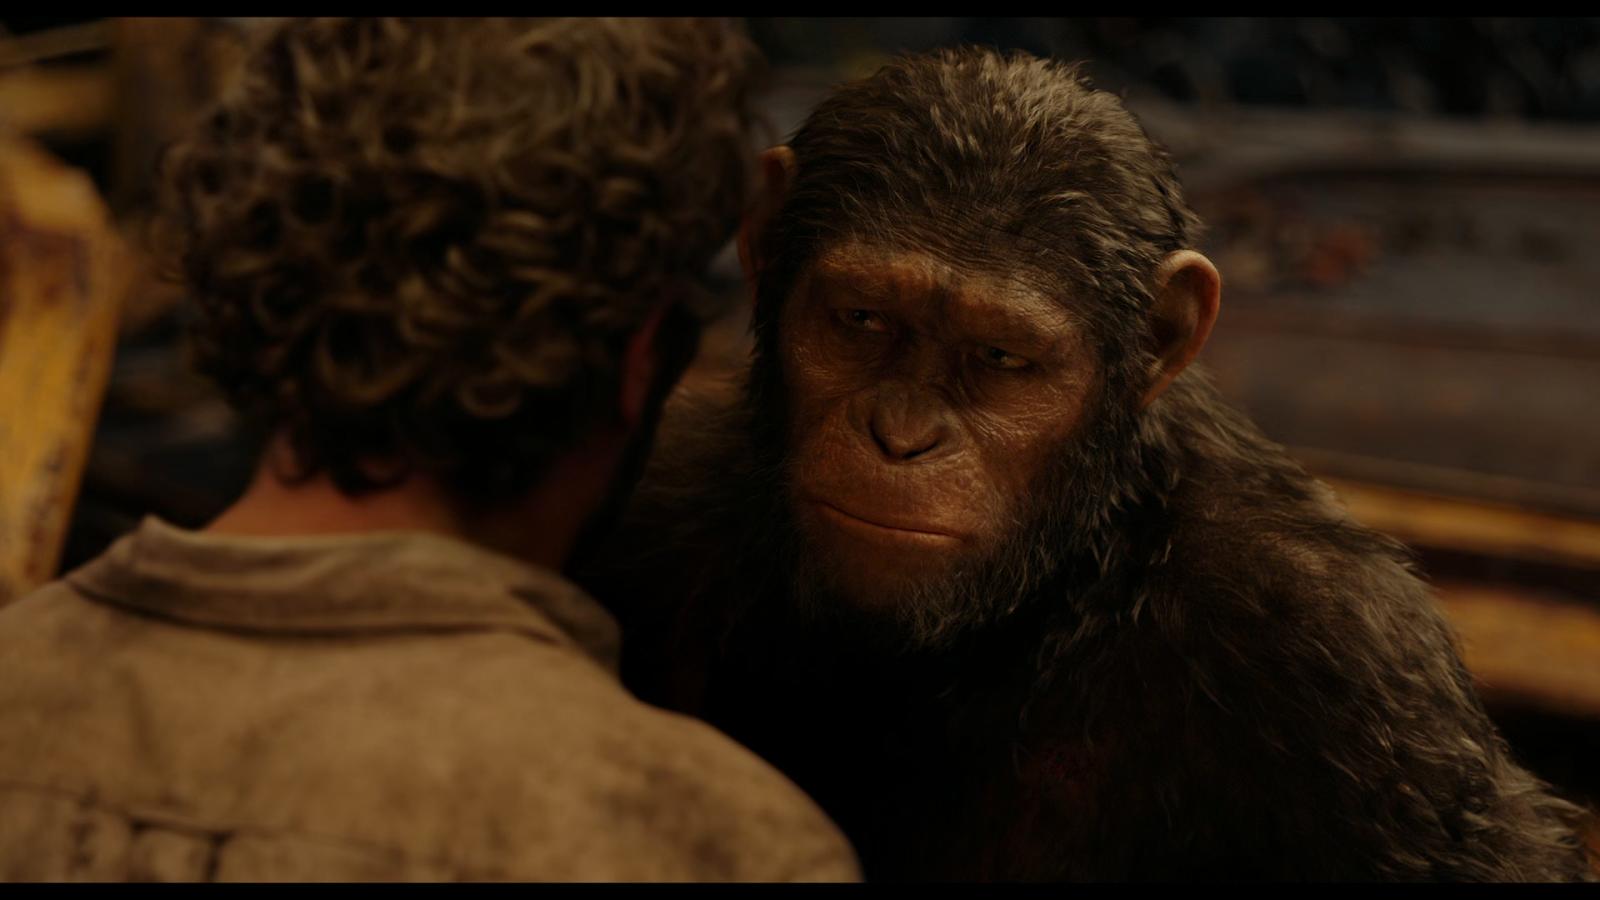 Captura de El planeta de los simios: Confrontación (2014) 1080p x265 HEVC Latino – Inglés